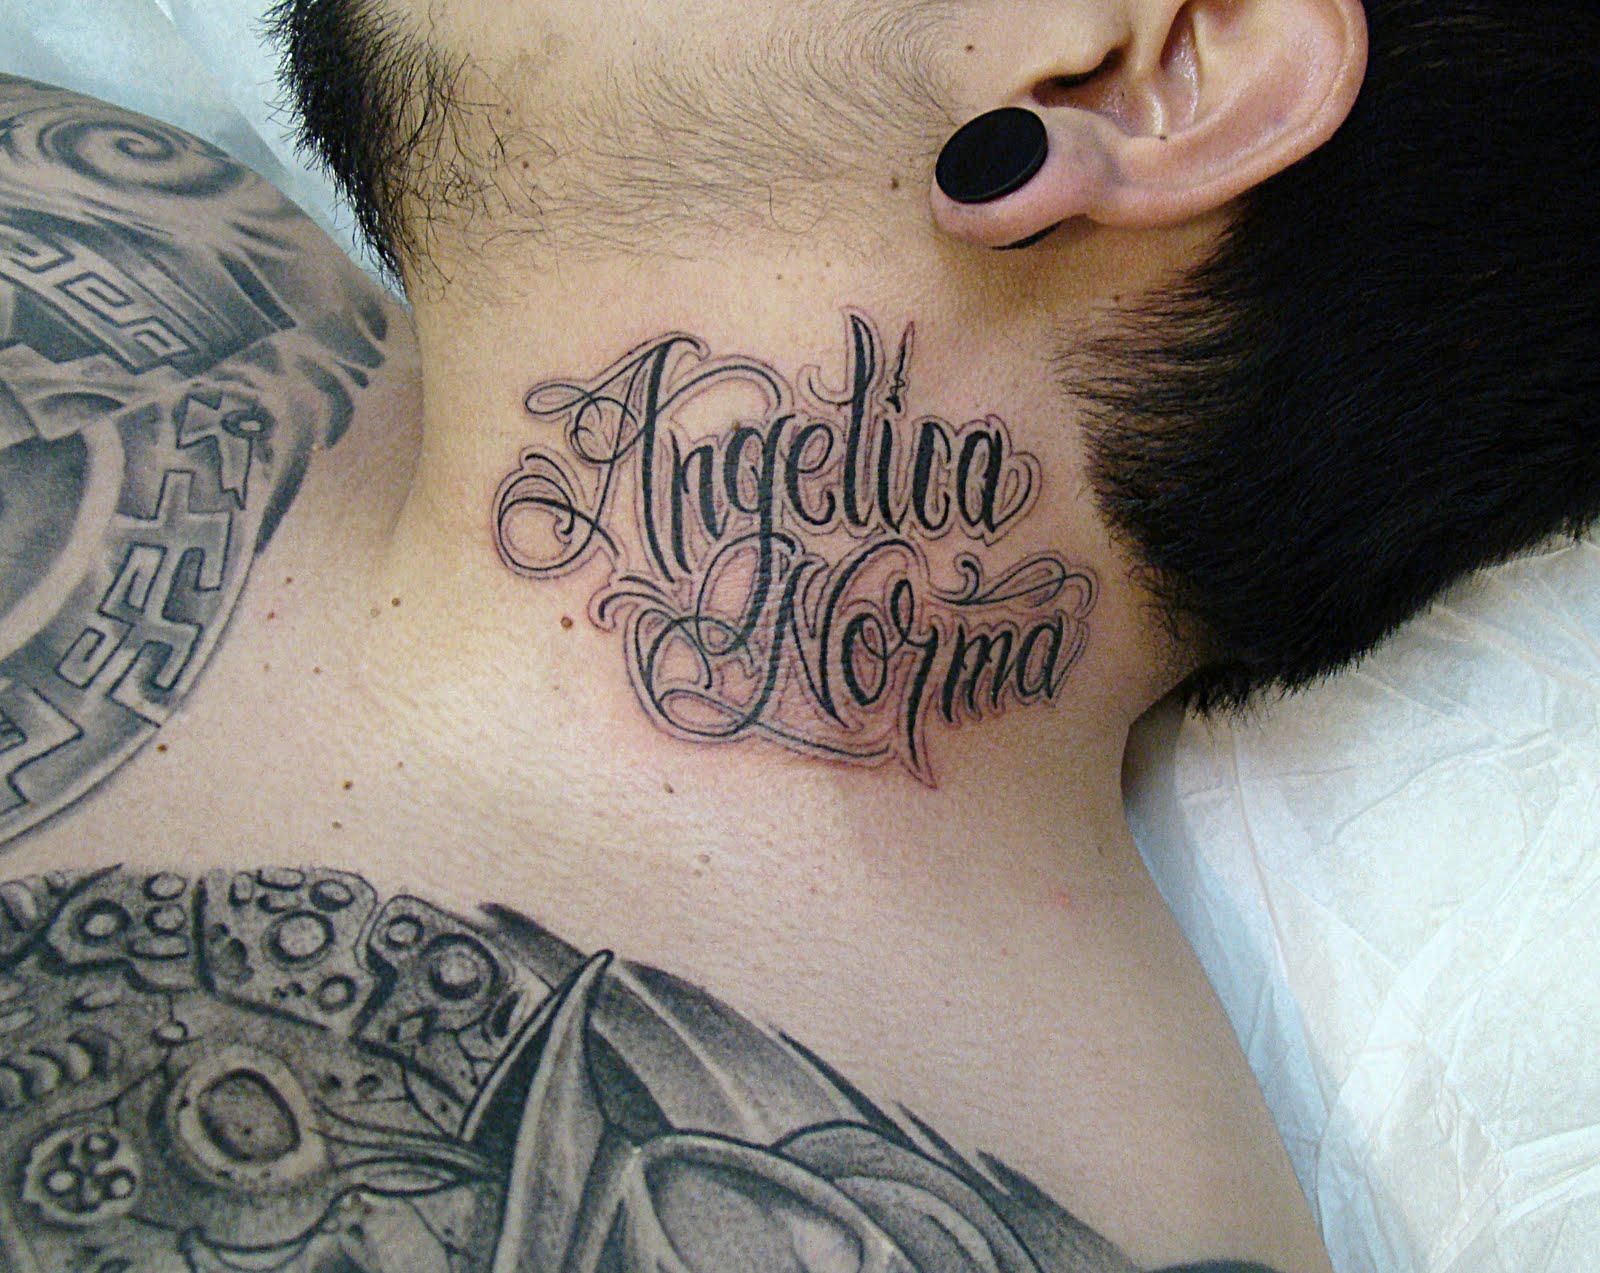 tattoo lettering generator 2 tattoo lettering generator 3 tattoo ...